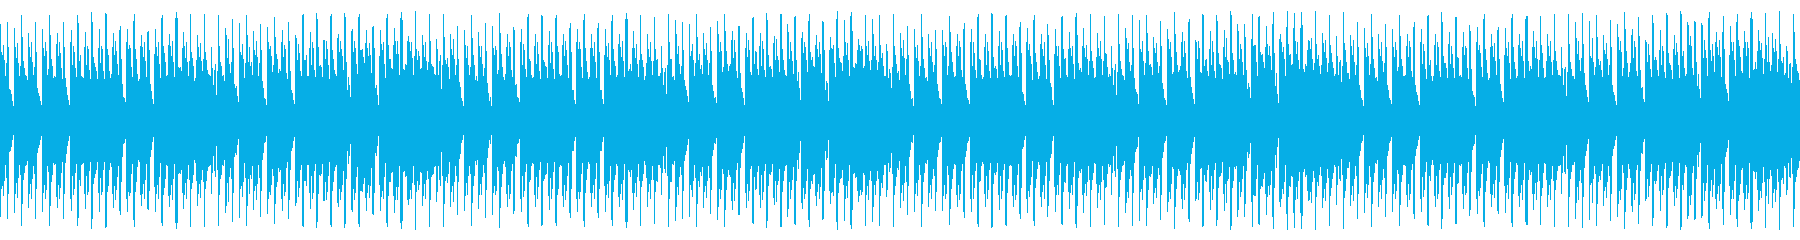 ポップな雰囲気の4つ打ちループ音源の再生済みの波形